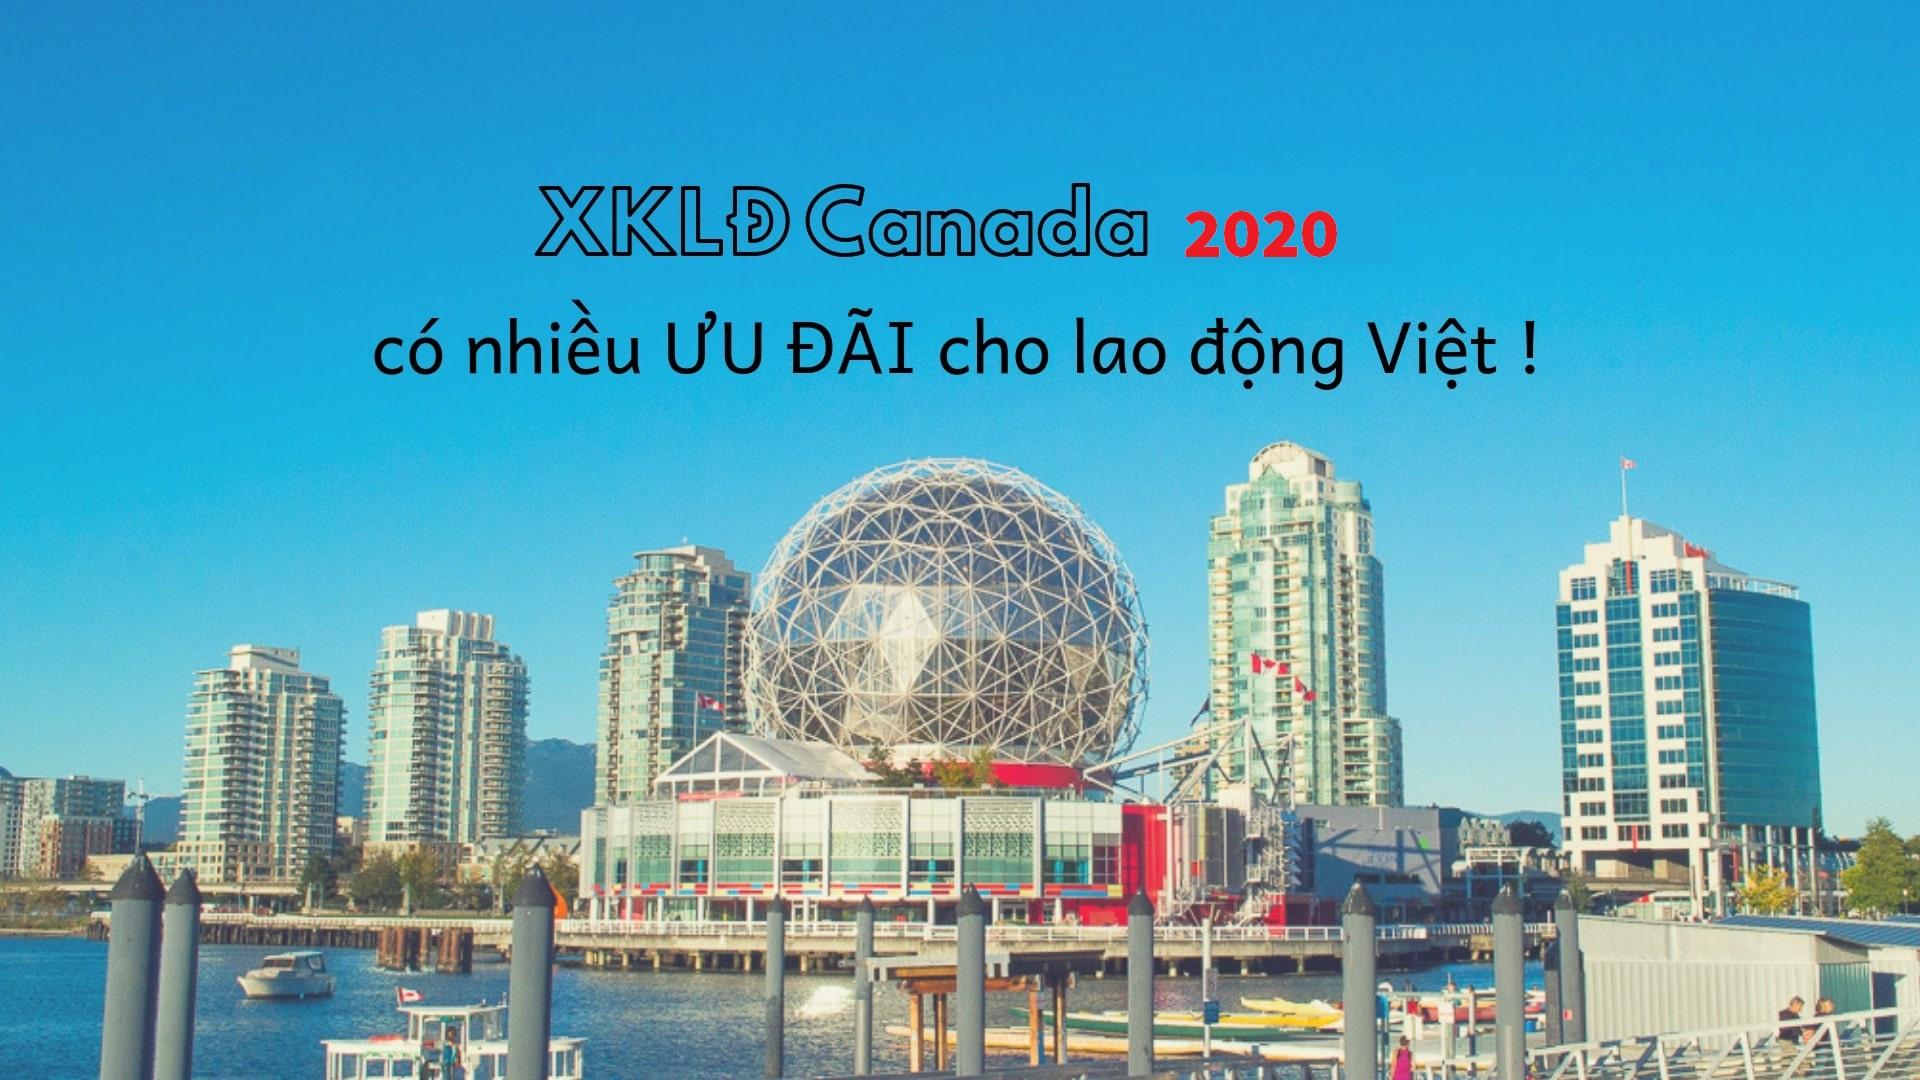 Thực hư XKLĐ Canada 2021 nhiều chương trình HẤP DẪN dành cho lao động Việt?